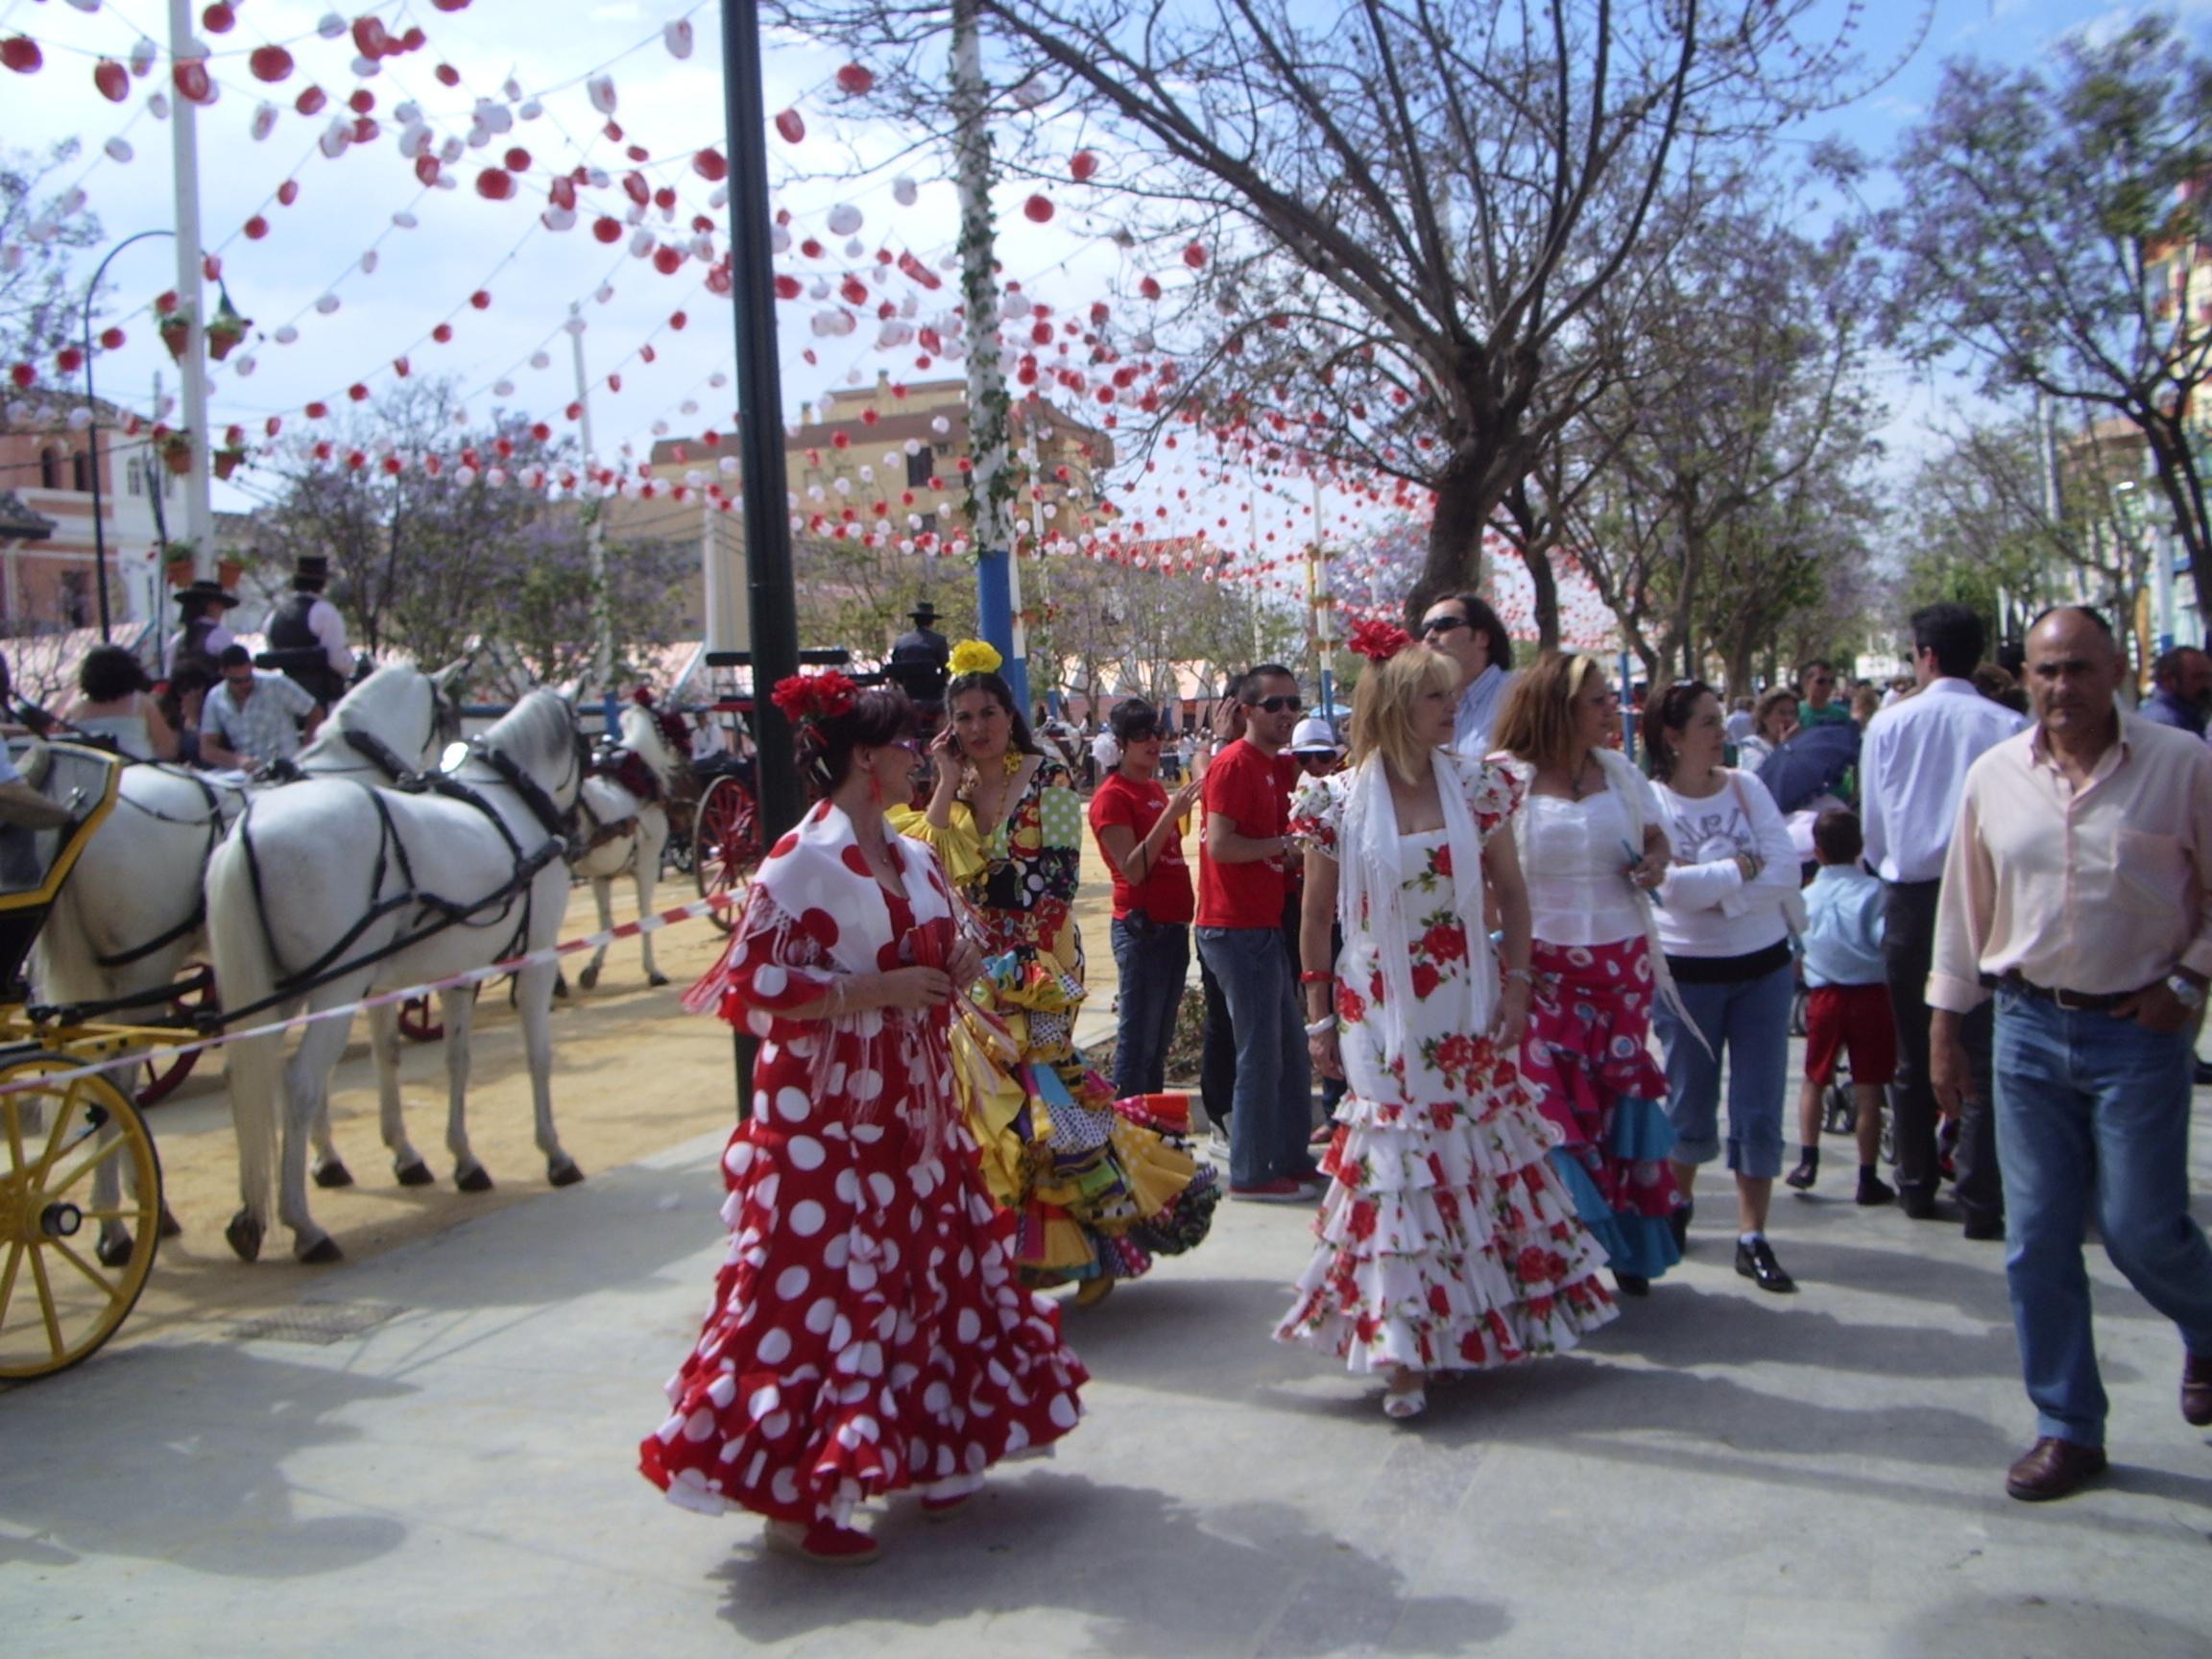 Sanlucar de Barrameda Spain  city photo : Feria de la Manzanilla, Sanlúcar de Barrameda, mayo 2009 ...